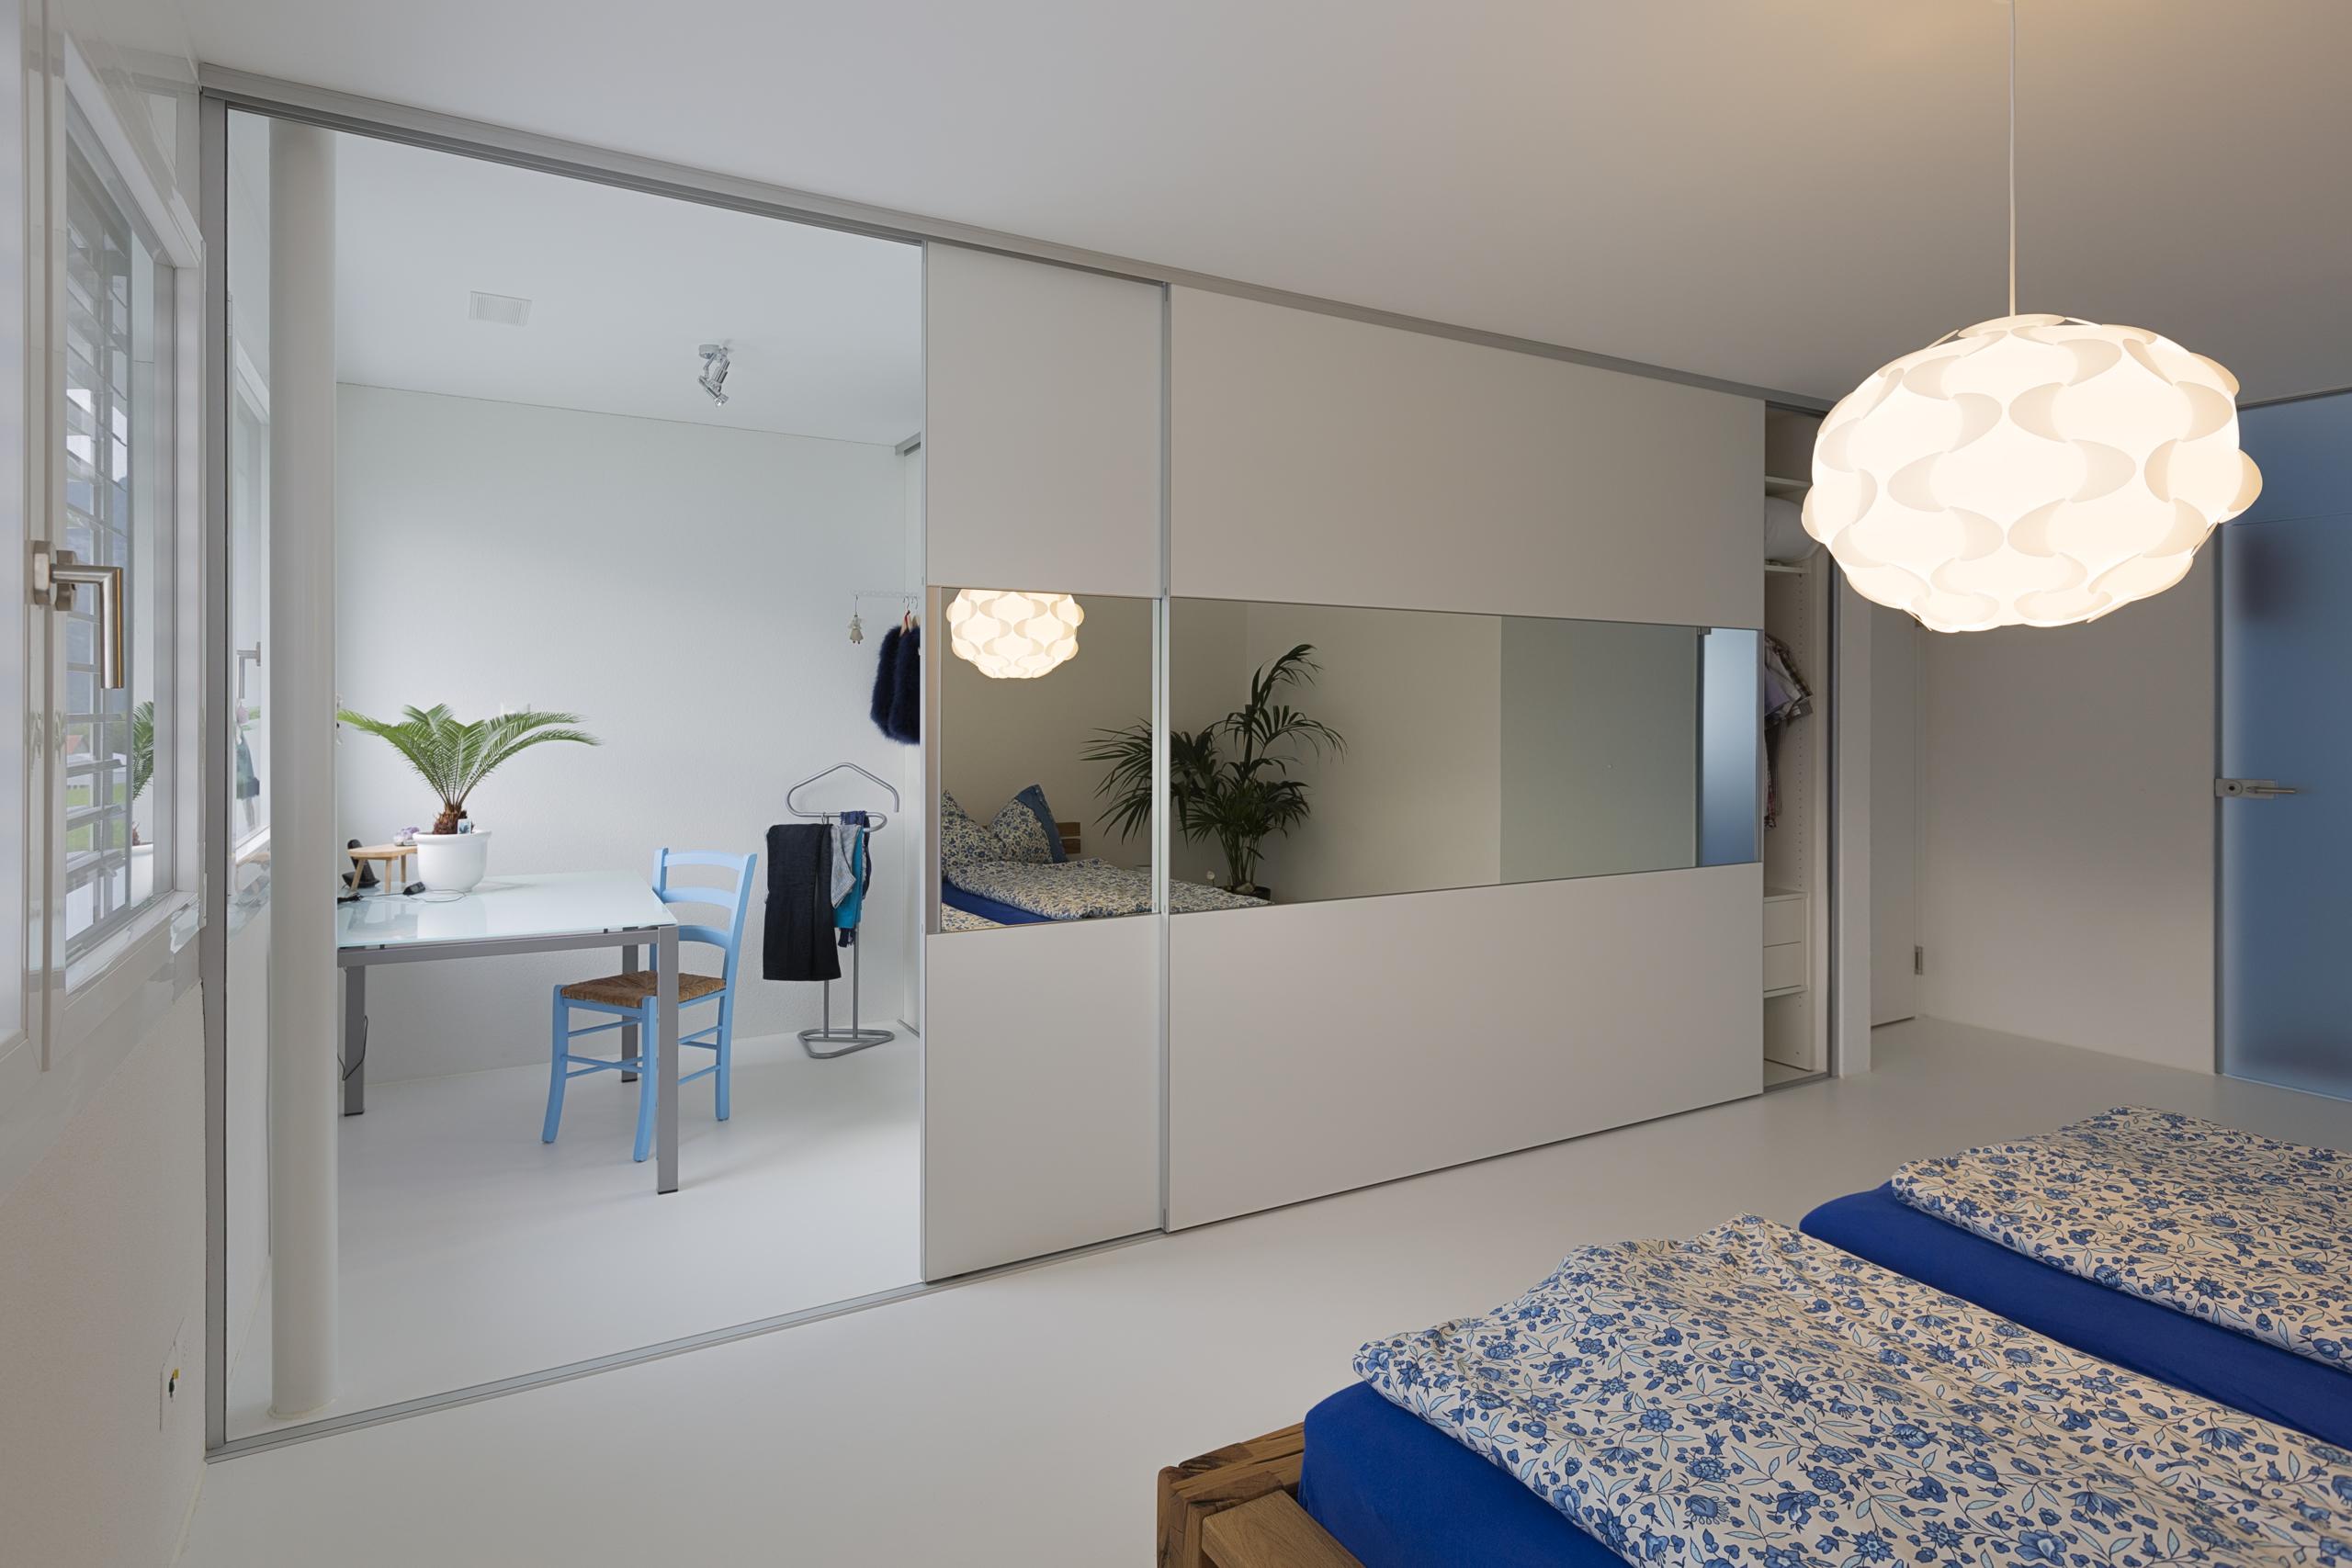 kleiderschrank selbst gestalten kleiderschrank selbst gestalten haus dekoration kleiderschrank. Black Bedroom Furniture Sets. Home Design Ideas